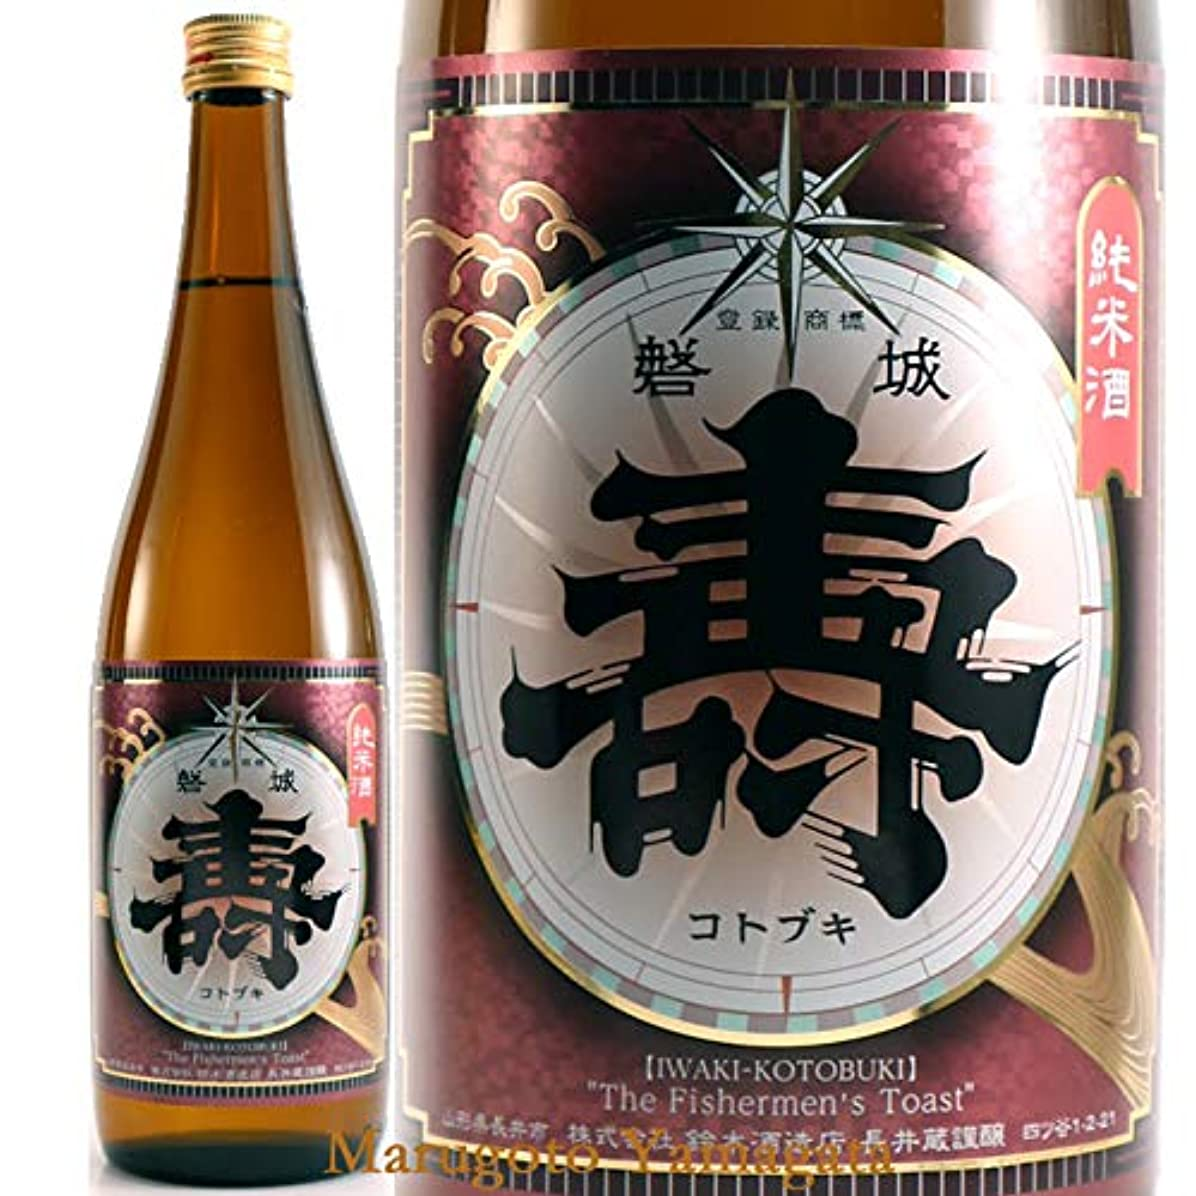 泳ぐ出します徒歩で磐城寿 熟成純米 あかがね 1800ml 山形の日本酒